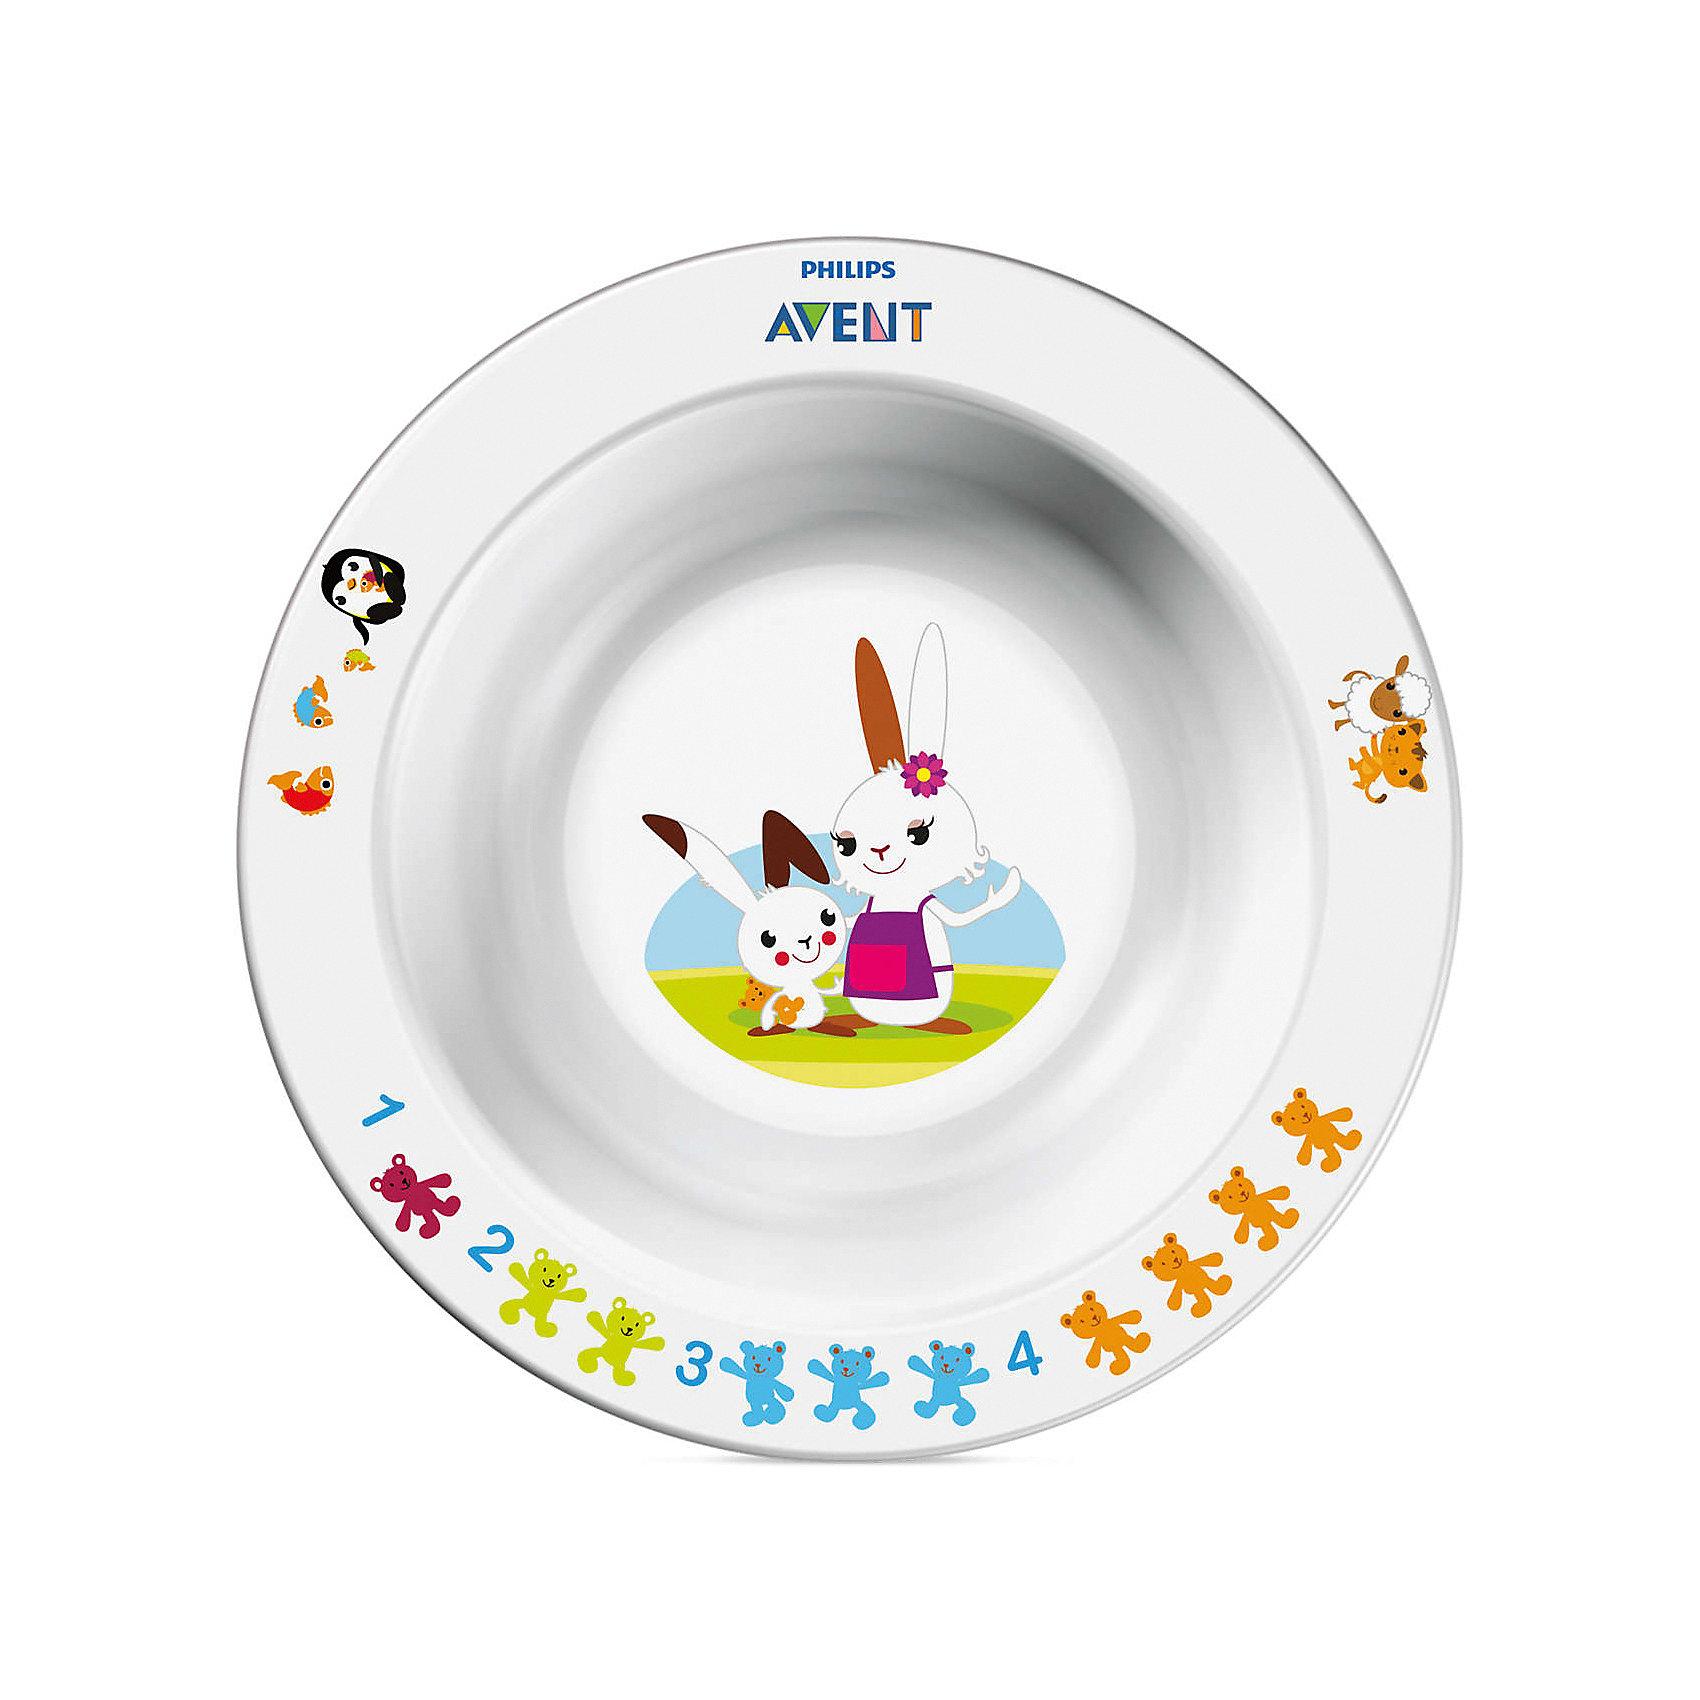 Маленькая глубокая тарелка, AVENTПосуда для малышей<br>Малая глубокая тарелка идеально подойдёт малышам, которые стремятся скорее научиться самостоятельно есть!  Забавный сказочный герой кролик Труман заинтересует малыша, и кормление превратится в удовольствие!<br><br>Дополнительная информация: <br>- Развивающее оформление<br>- Нескользящее основание предотвращает проливание<br>- Широкие края удобны для самостоятельного питания <br>- Удобно мыть и хранить<br>- Можно мыть в посудомоечной машине <br>- Можно использовать в микроволновой печи <br>- Без бисфенола-А <br>- Разработано при участии ведущего детского психолога Dr. Gillian Harris<br>- Размеры: 40(Г)х140(Ш)х140(В)мм <br>- Рекомендуемый возраст: 6 мес. +<br><br>Тарелка с весёлым кроликом очень понравится малышу!<br><br>Ширина мм: 40<br>Глубина мм: 170<br>Высота мм: 240<br>Вес г: 129<br>Возраст от месяцев: 6<br>Возраст до месяцев: 36<br>Пол: Унисекс<br>Возраст: Детский<br>SKU: 2174539